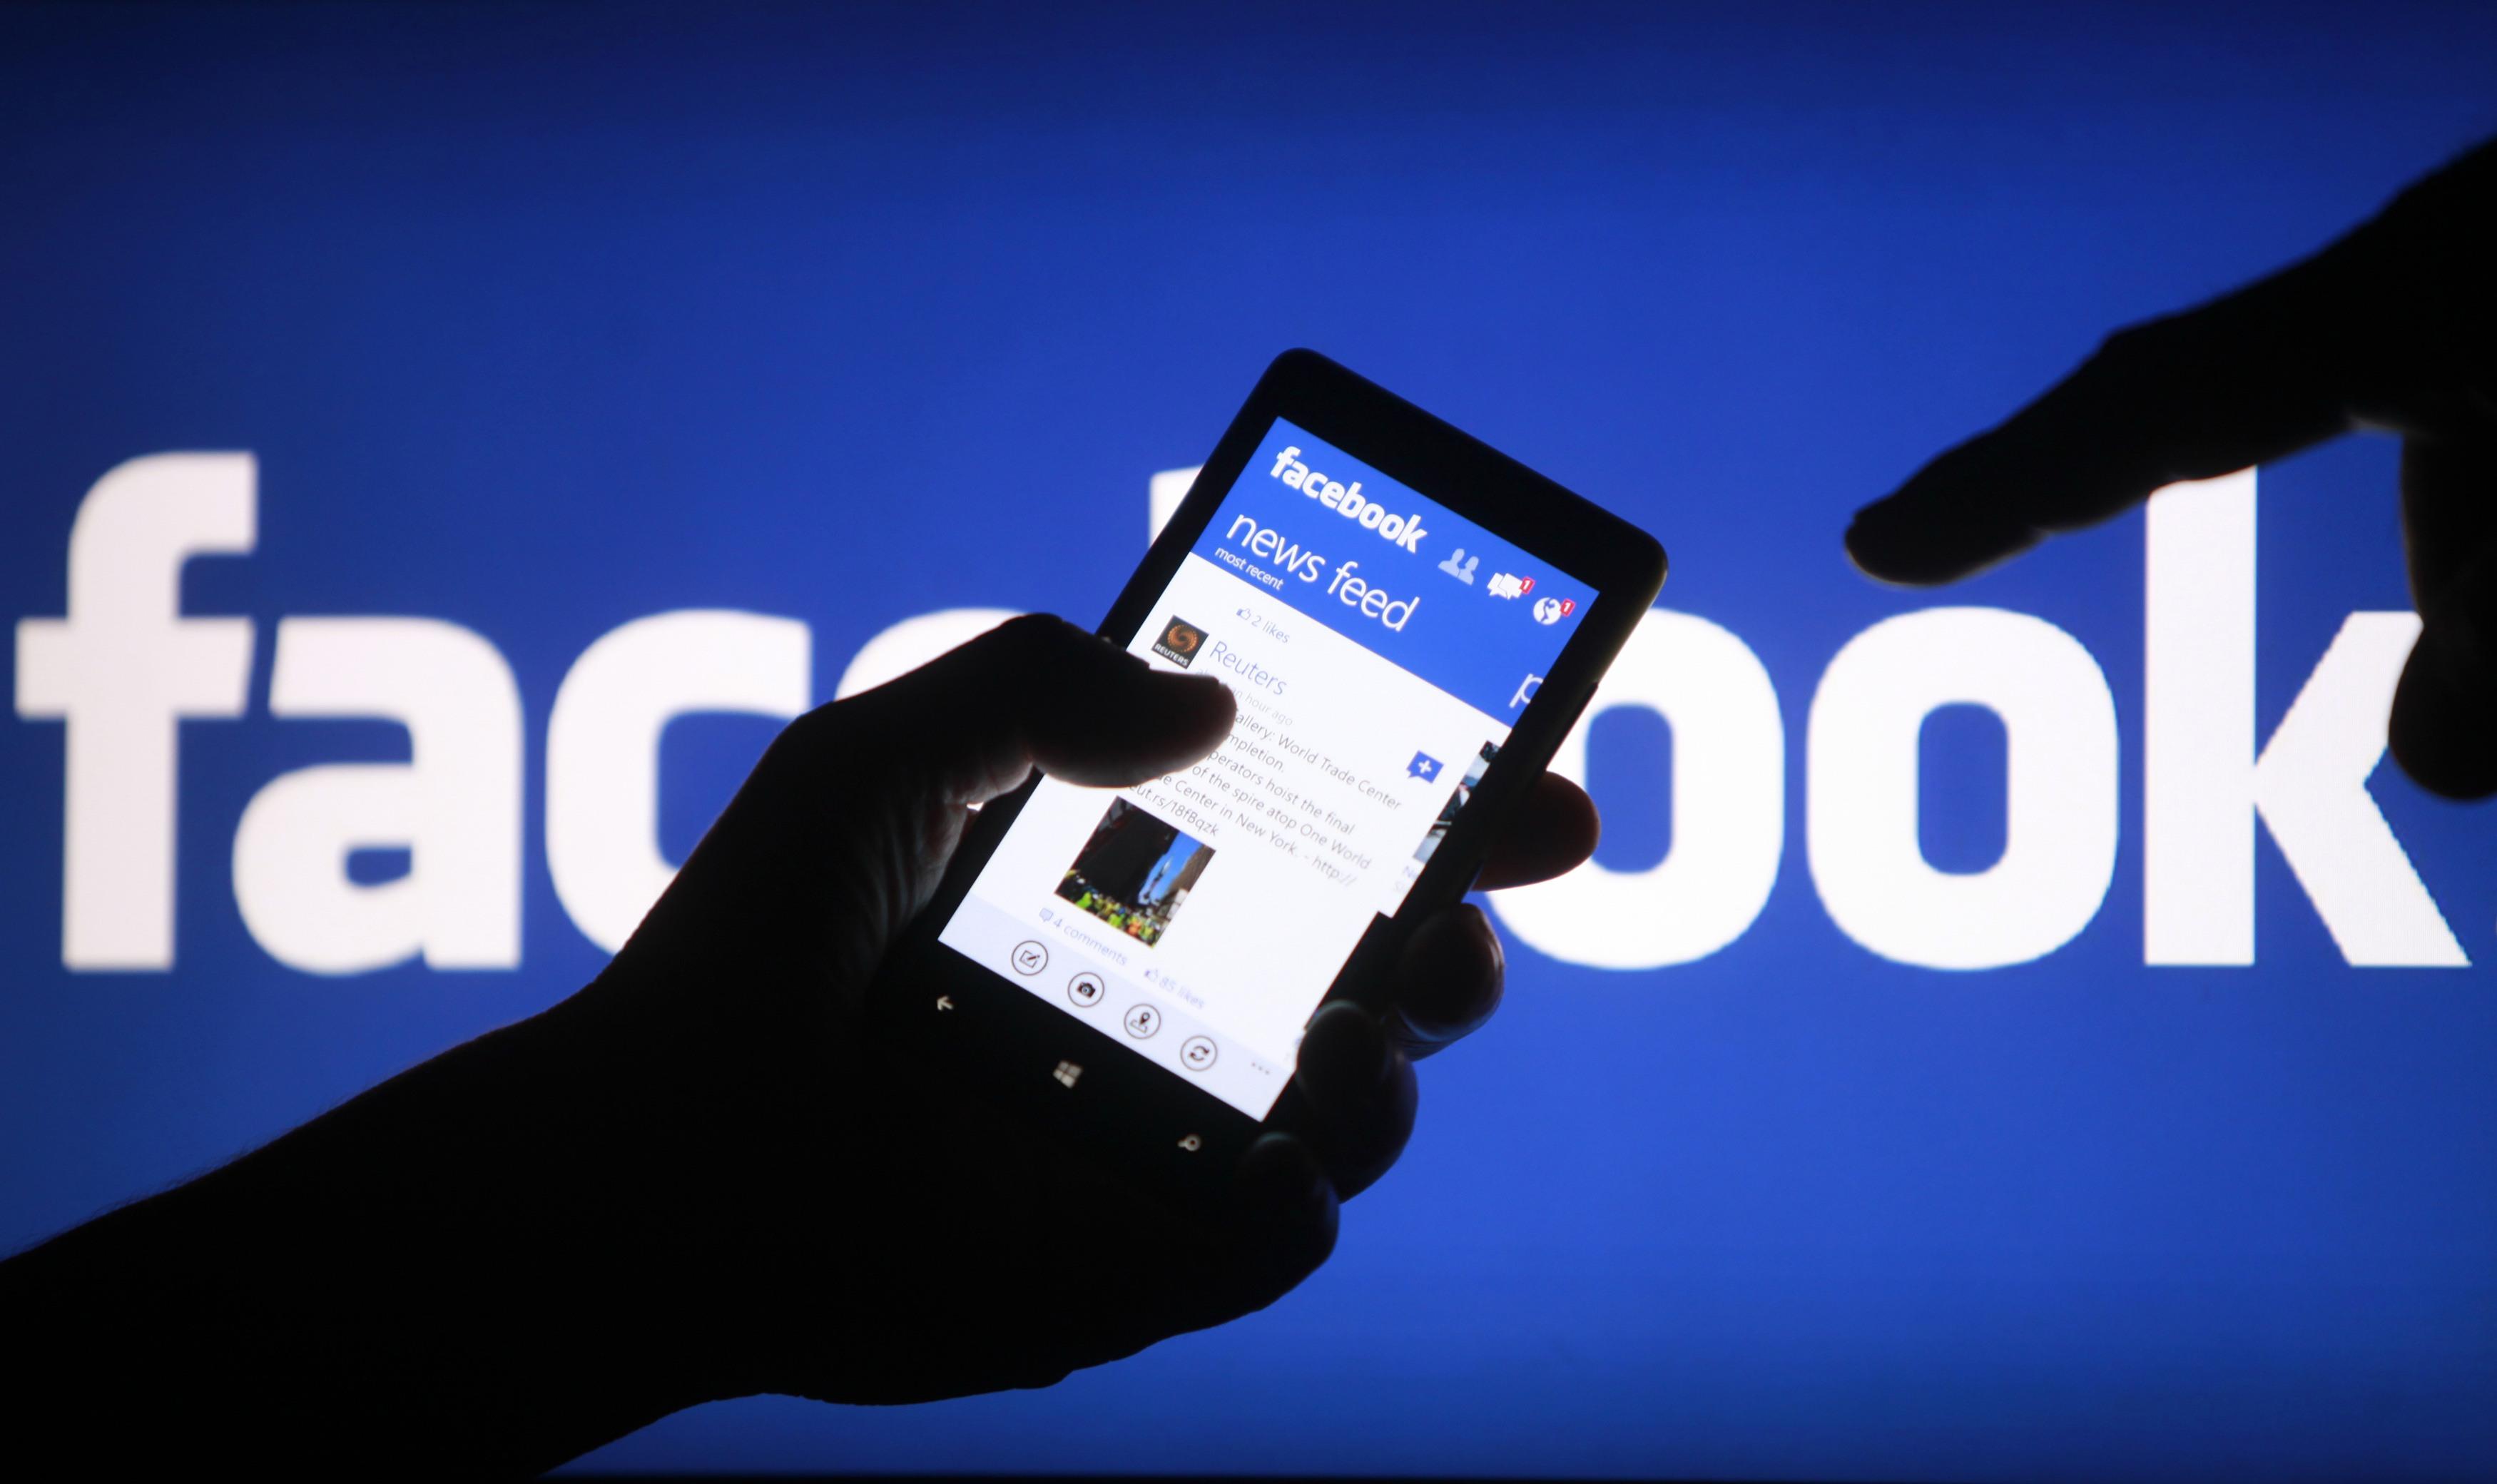 Come capire se qualcuno ti ha bloccato su Facebook